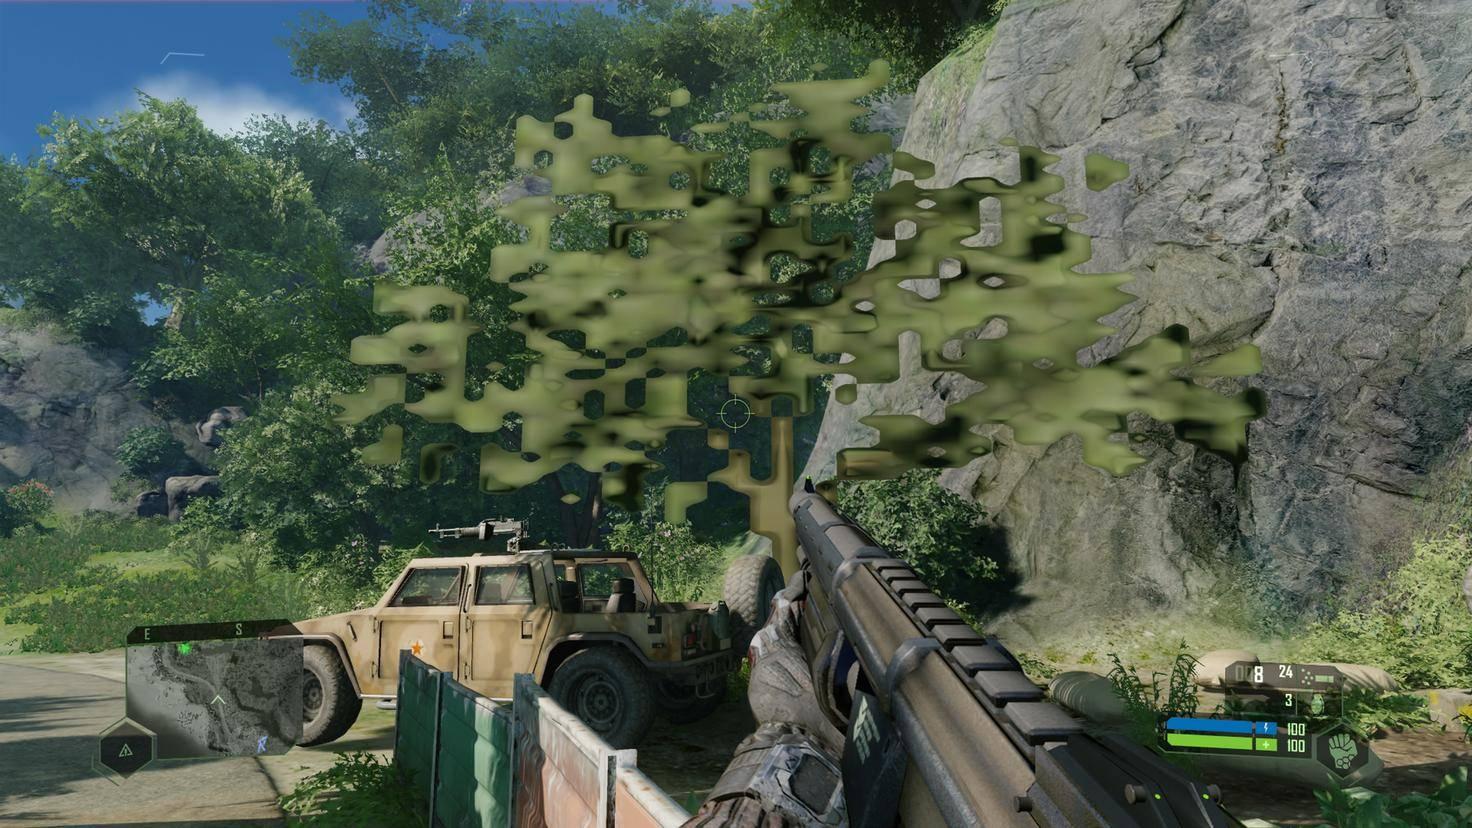 Dieser Pixelhaufen sollte eigentlich ein Baum sein.